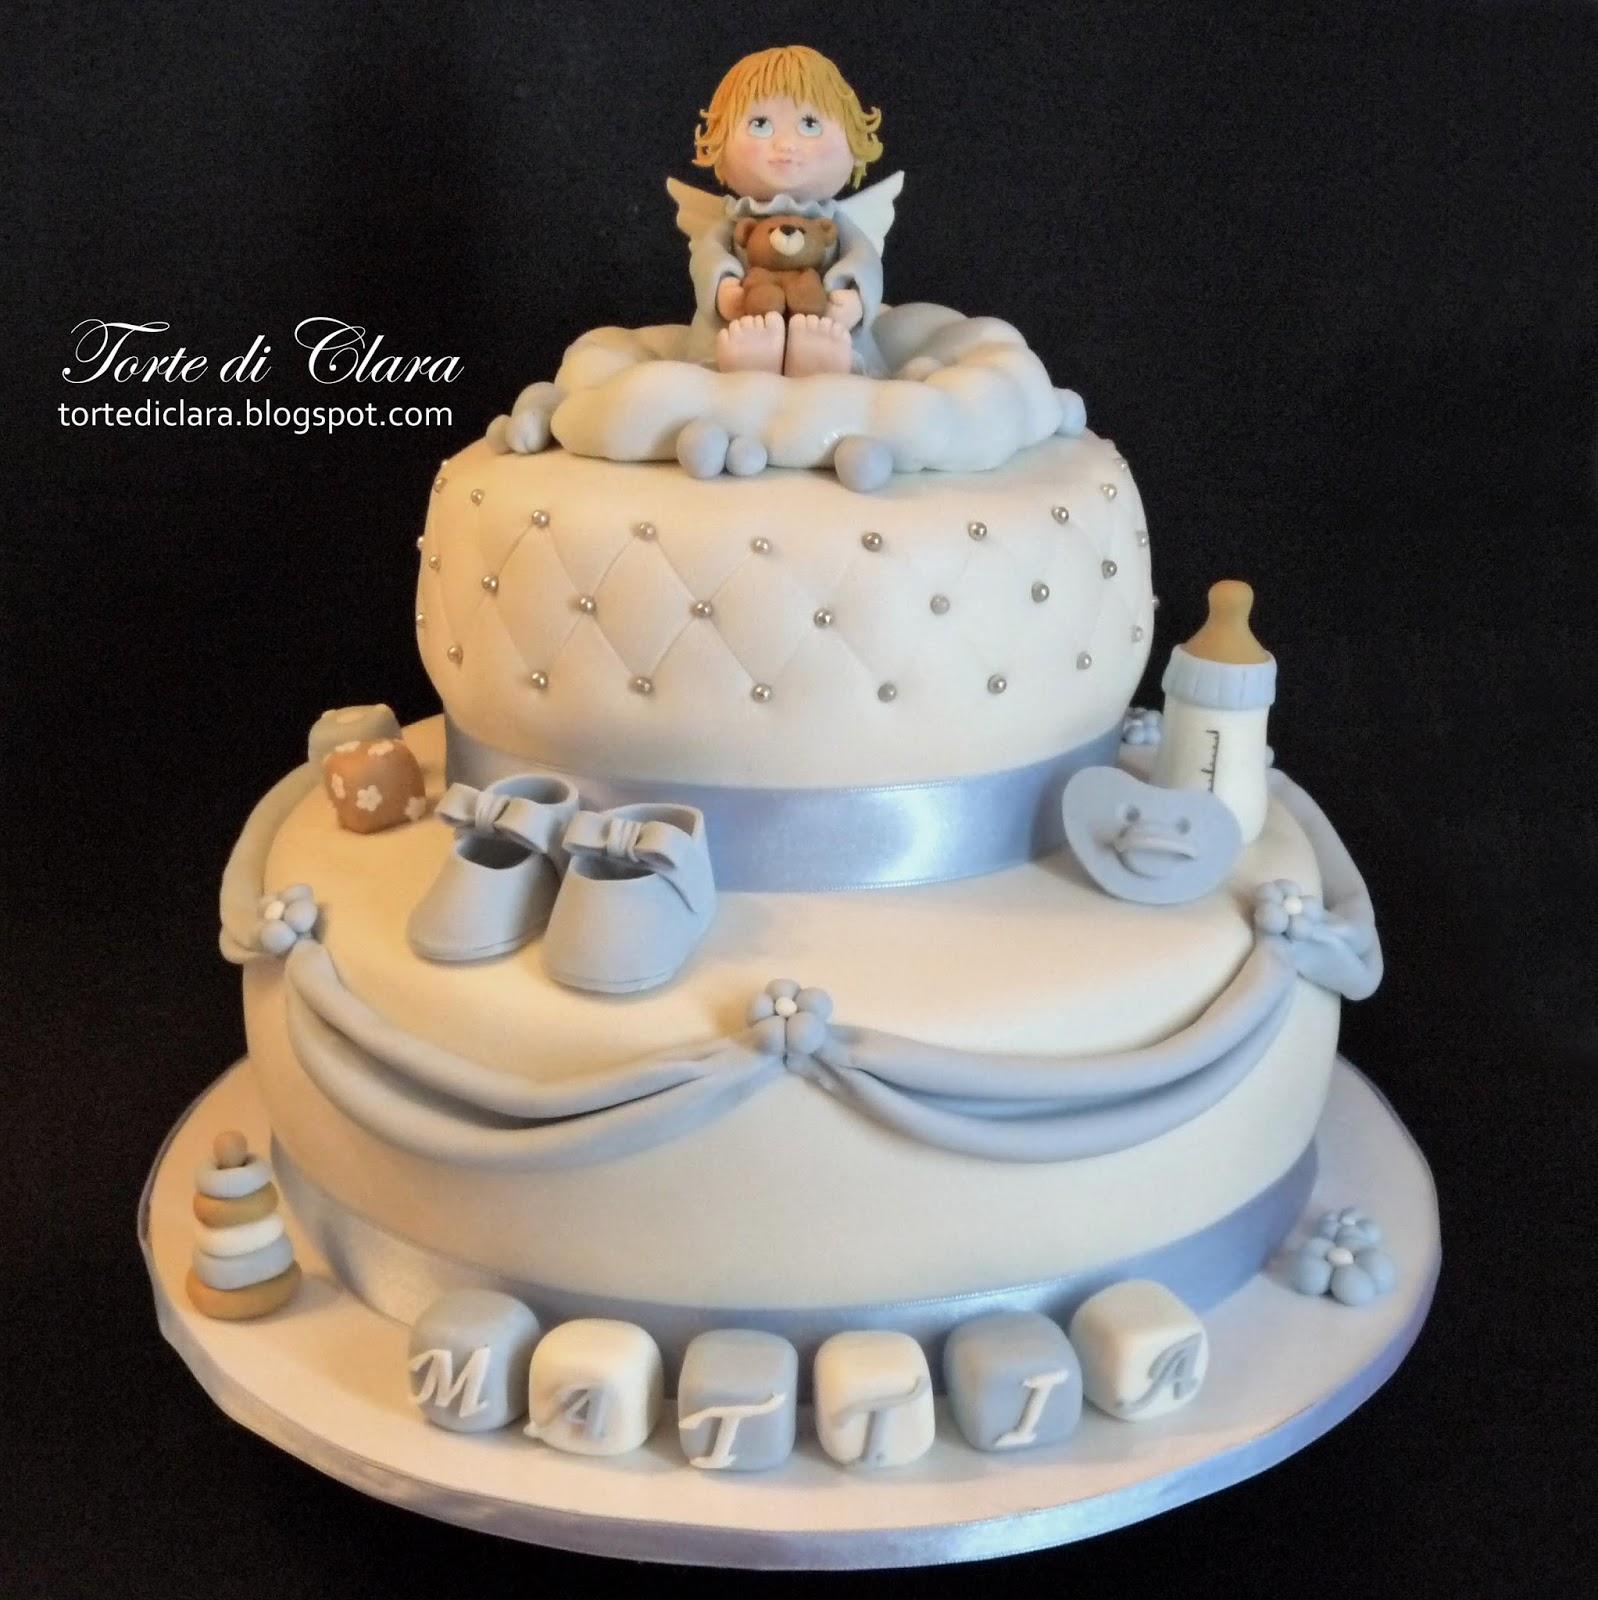 Popolare Torte di Clara: Torta Battesimo (5) EM84